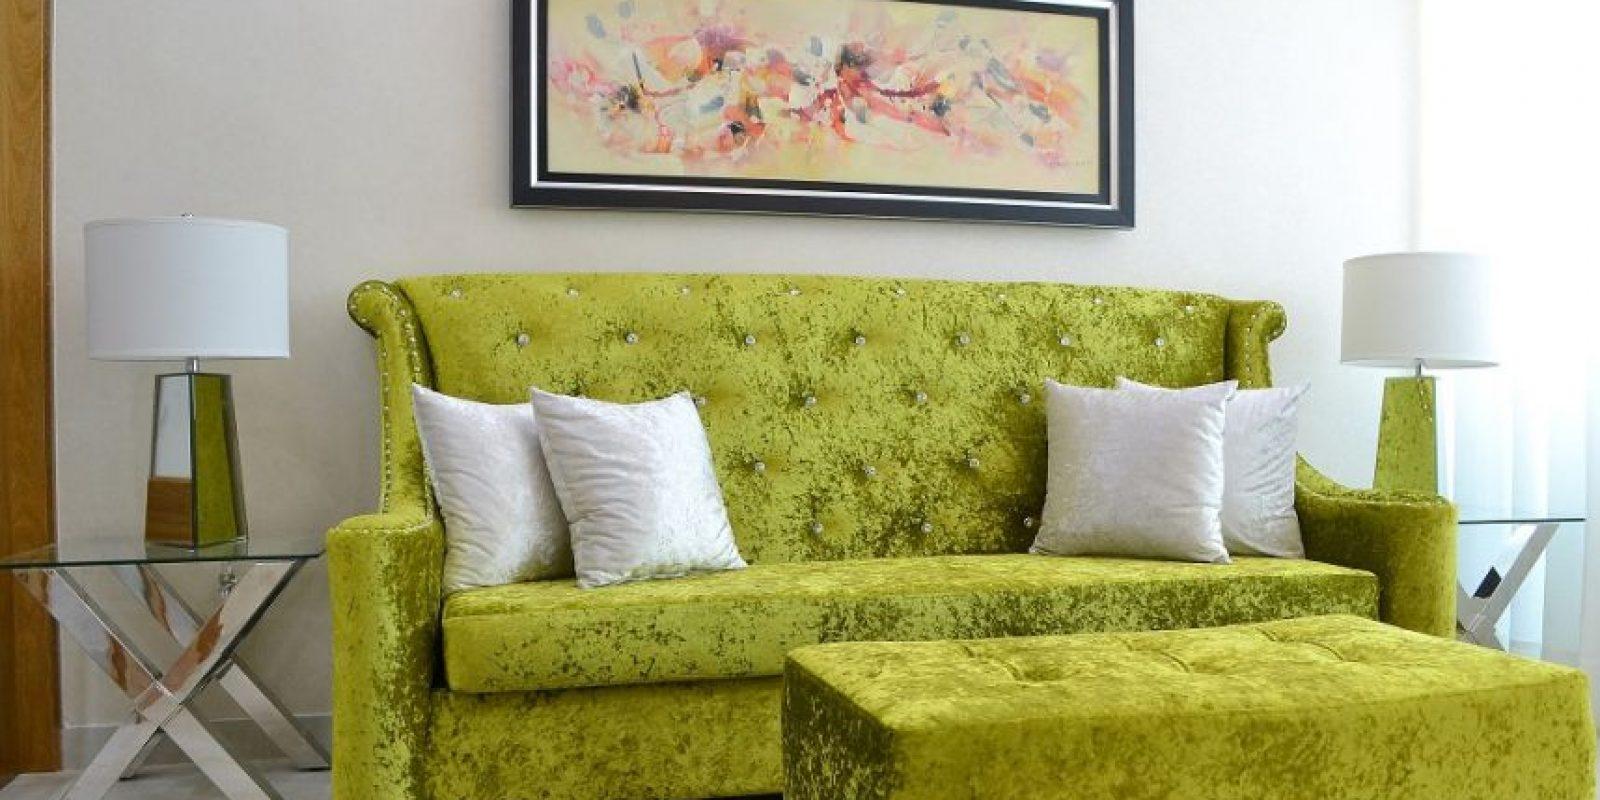 """""""Family Room"""" con colores electrizantes quedespiertan la imaginación. Foto:Mario de Peña"""